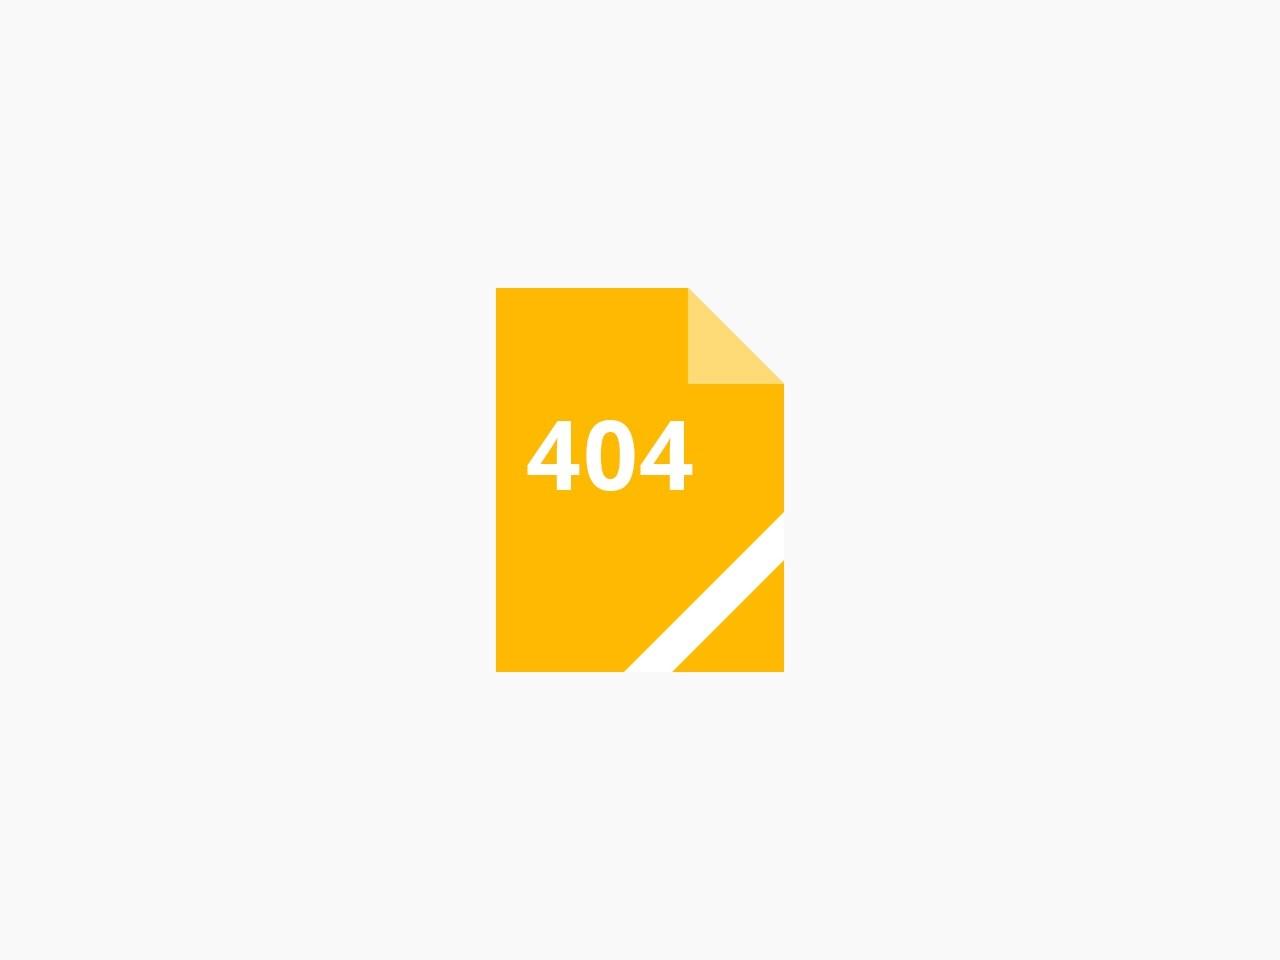 六六社 - 六六资讯网不止是搬运工 我们更专注精品分享!